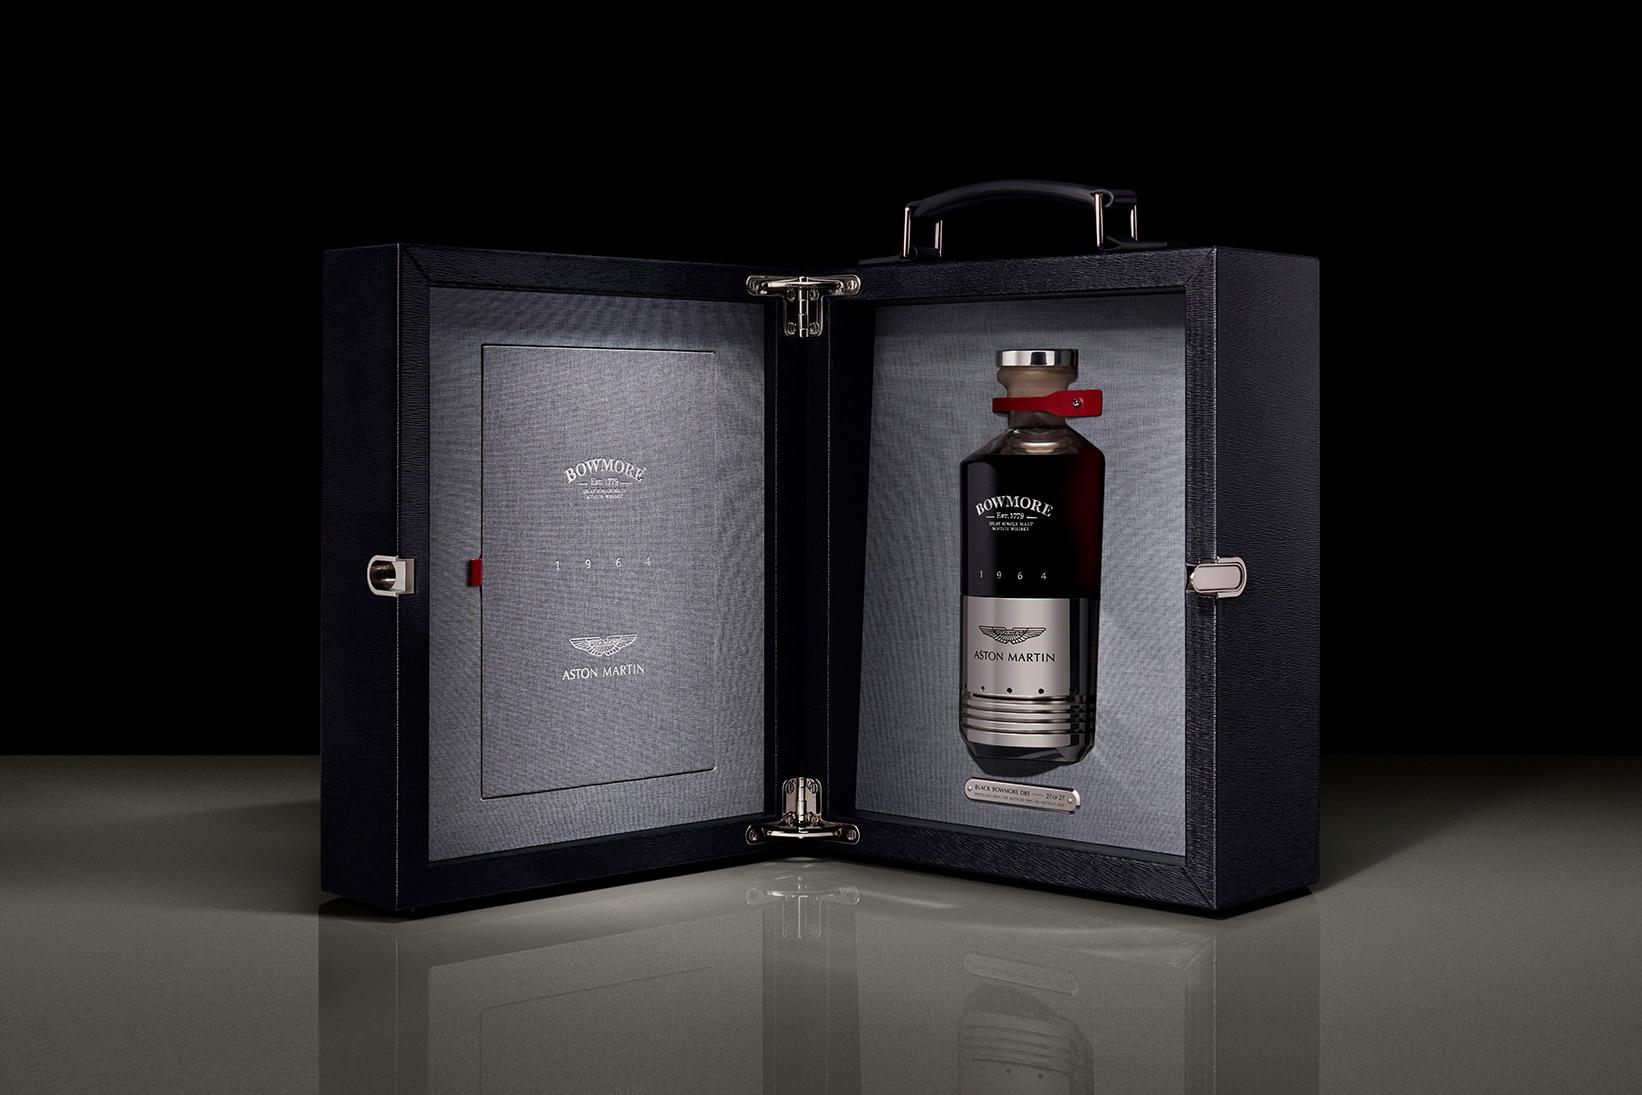 Stíluslegendák egy Scotch-ban: Aston Martin DB5 1964 alkatrésszel készülő Bowmore whisky